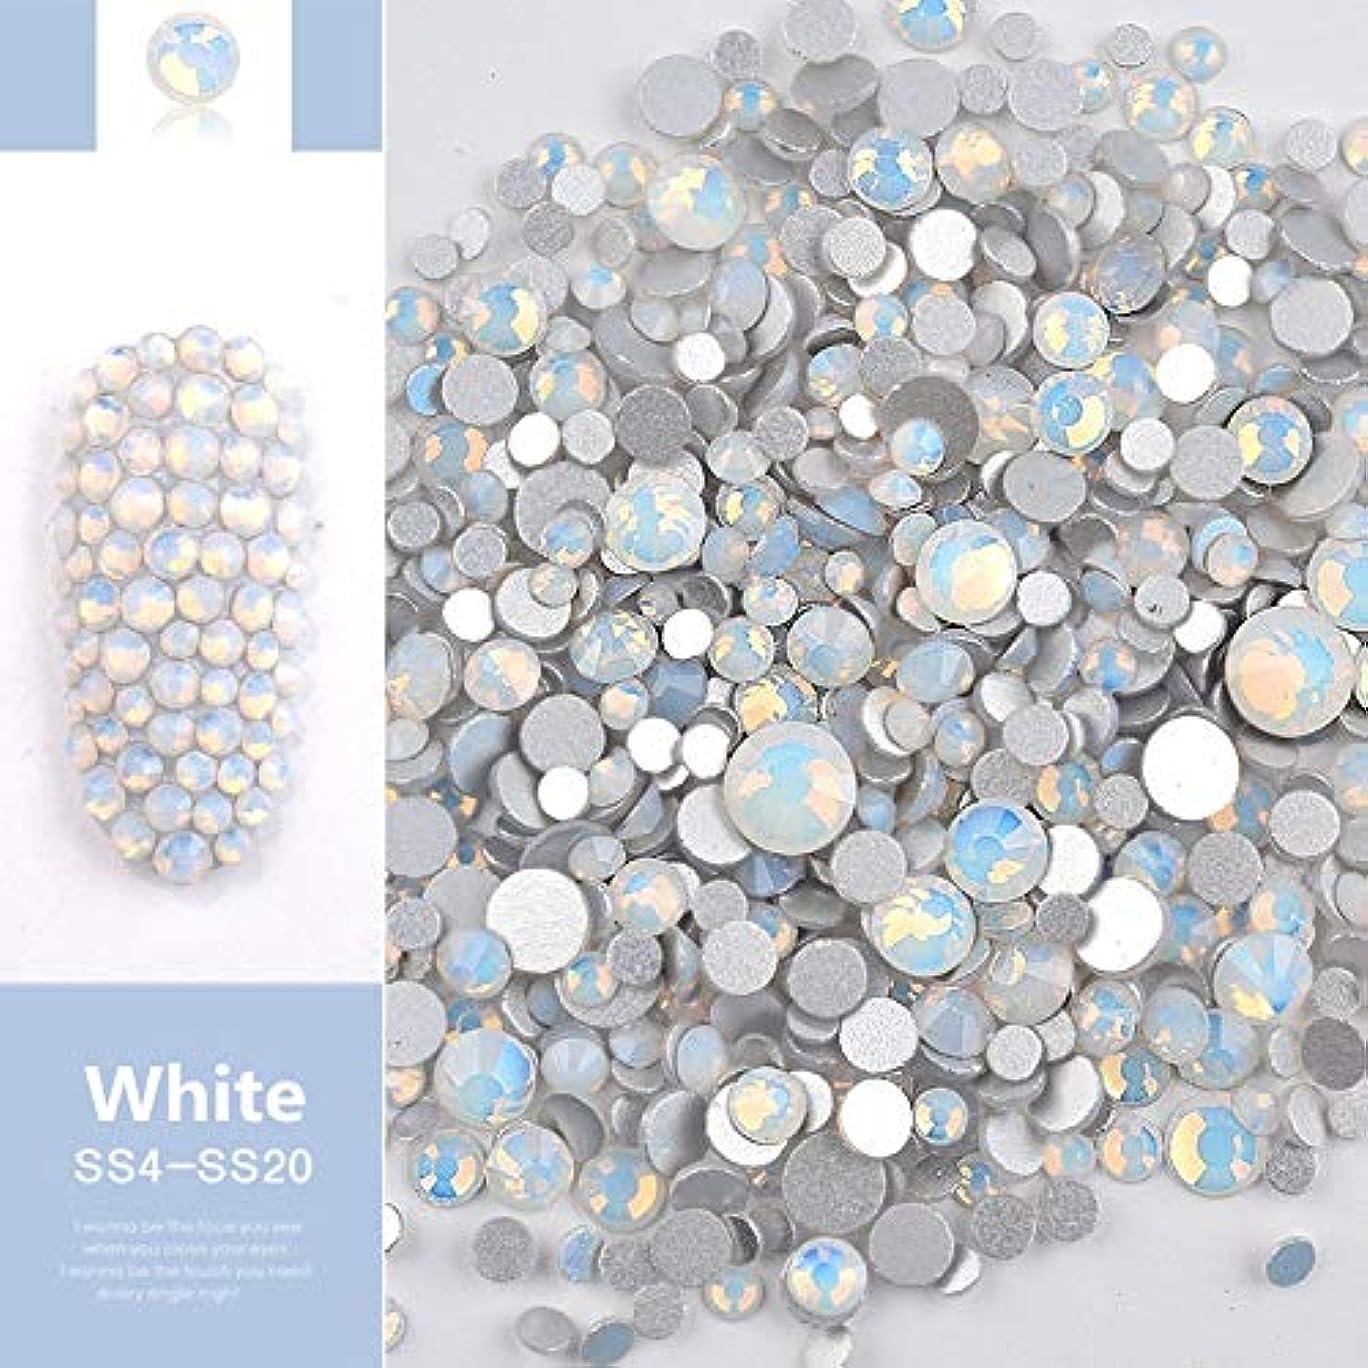 ラリー申し立てるギャングスターJiaoran ビーズ樹脂クリスタルラウンドネイルアートミックスフラットバックアクリルラインストーンミックスサイズ1.5-4.5 mm装飾用ネイル (Color : White)